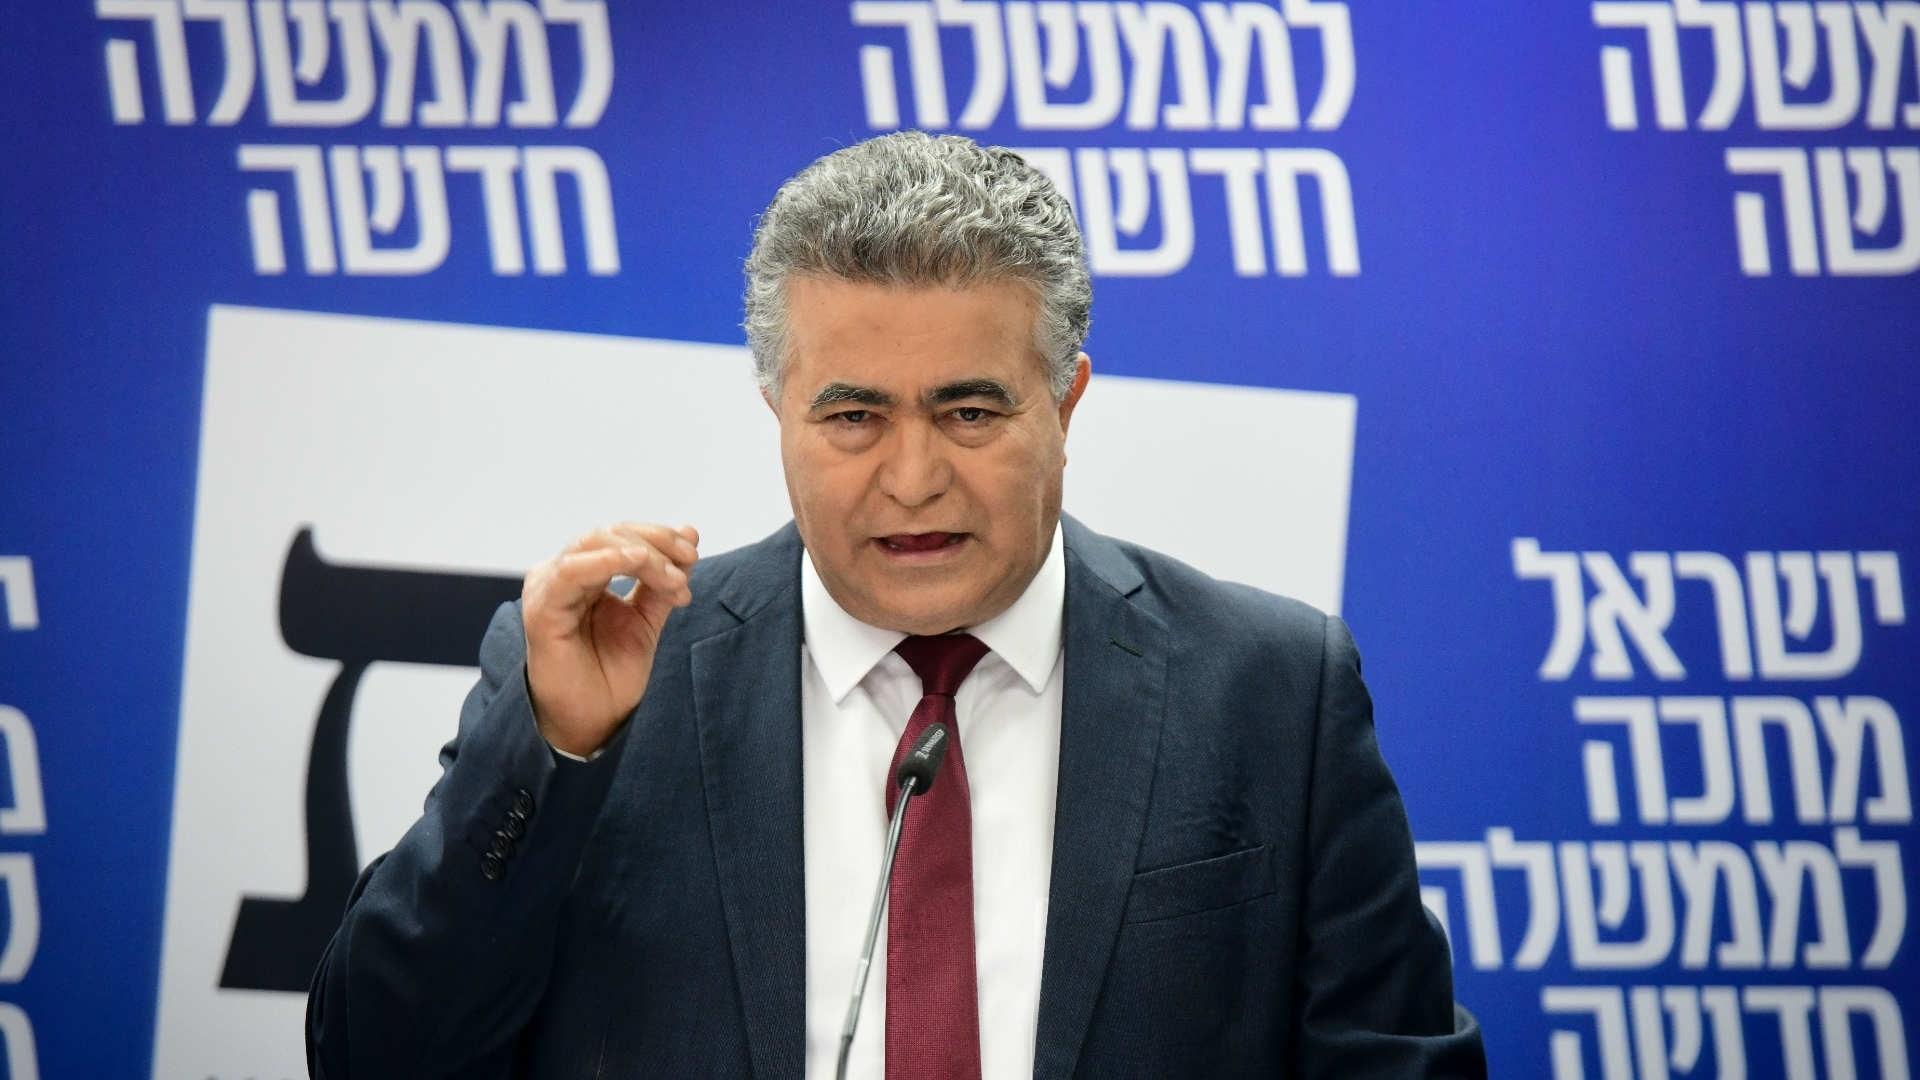 بيرتس يعلن اتفاقه مع غانتس على تشكيل حكومة إسرائيلية جديدة